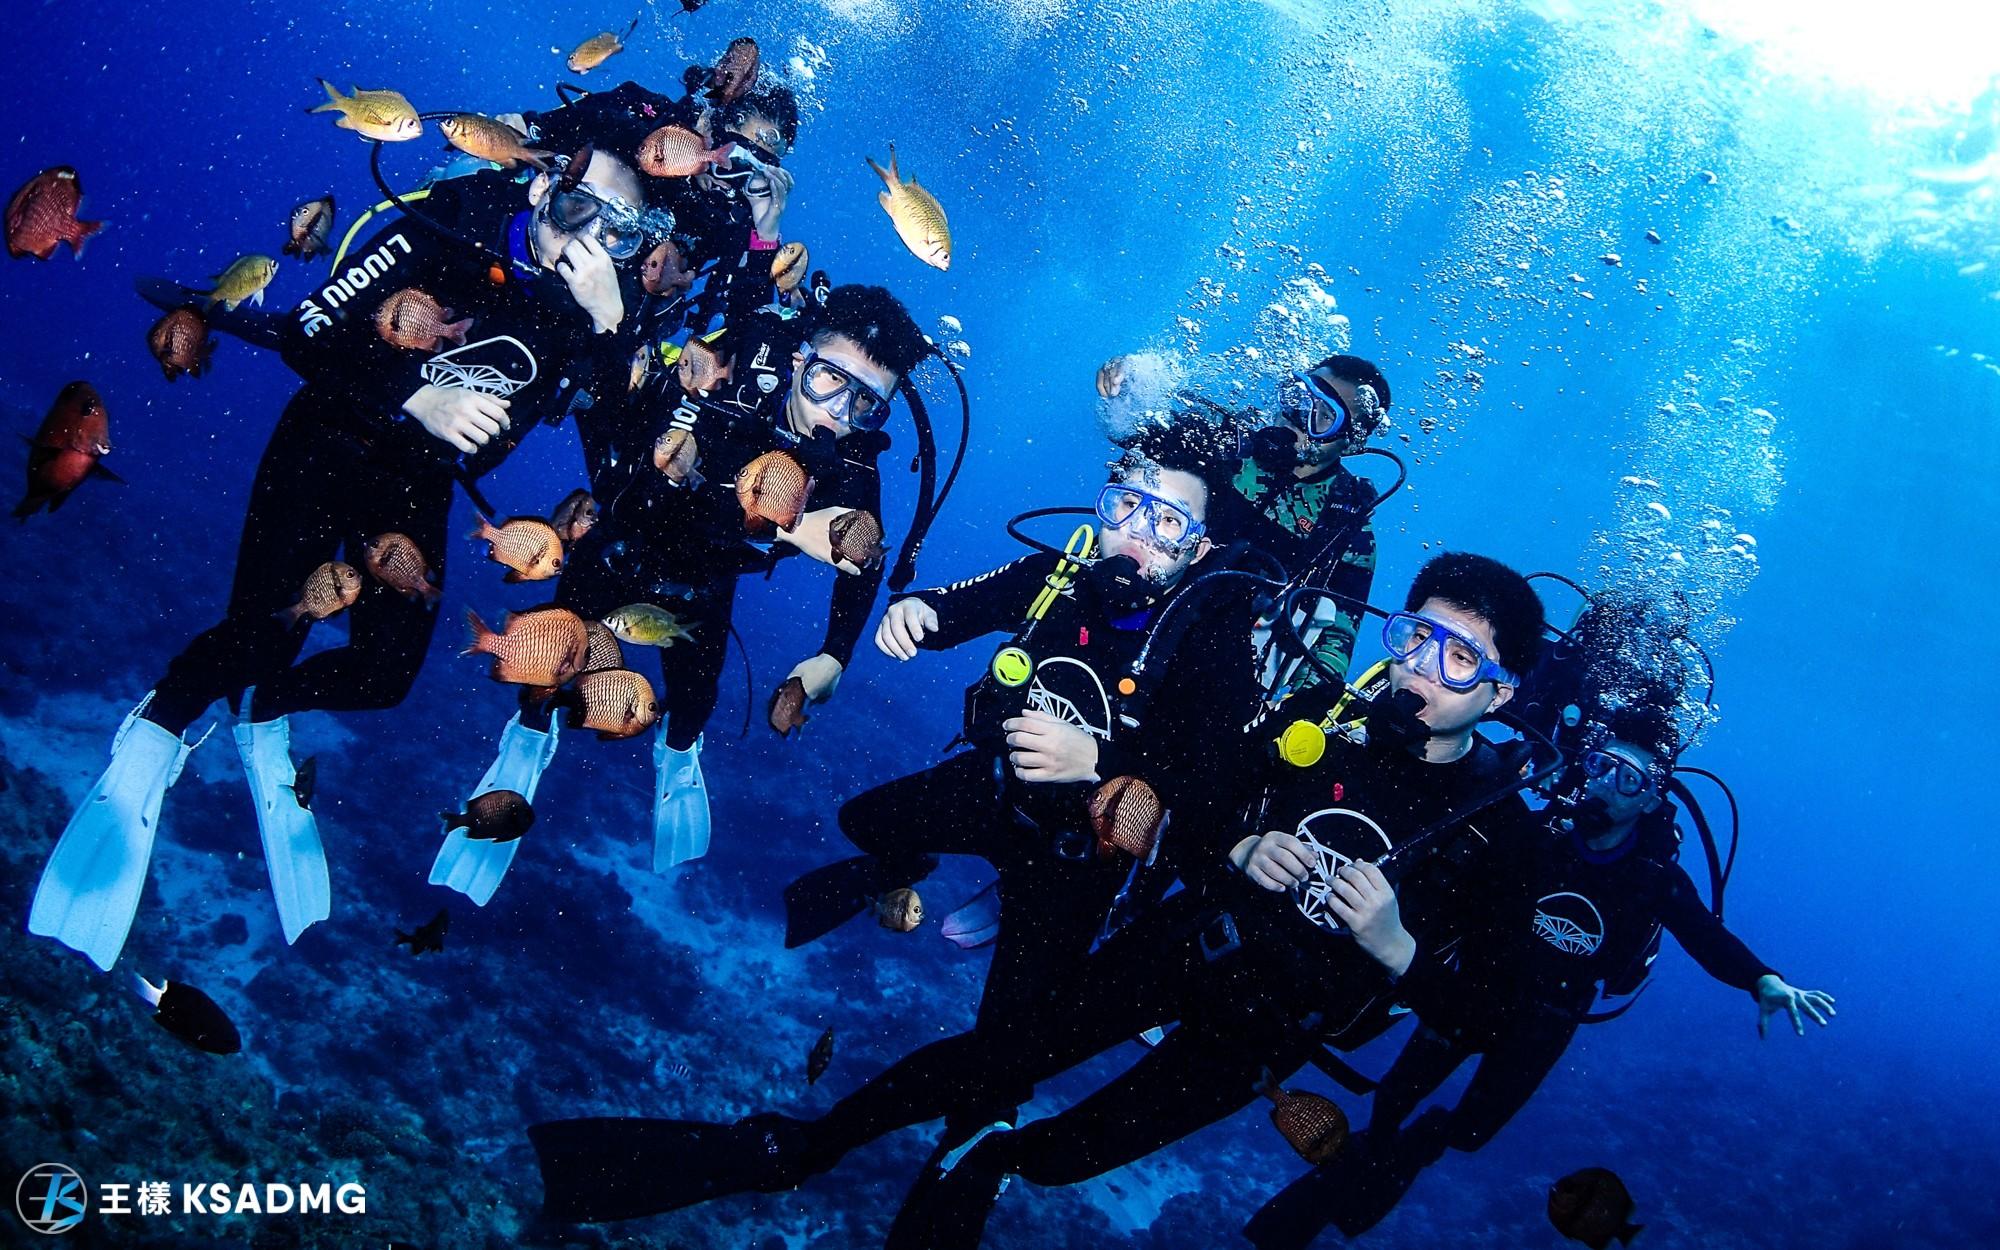 小琉球秘境潛水海龜伴游